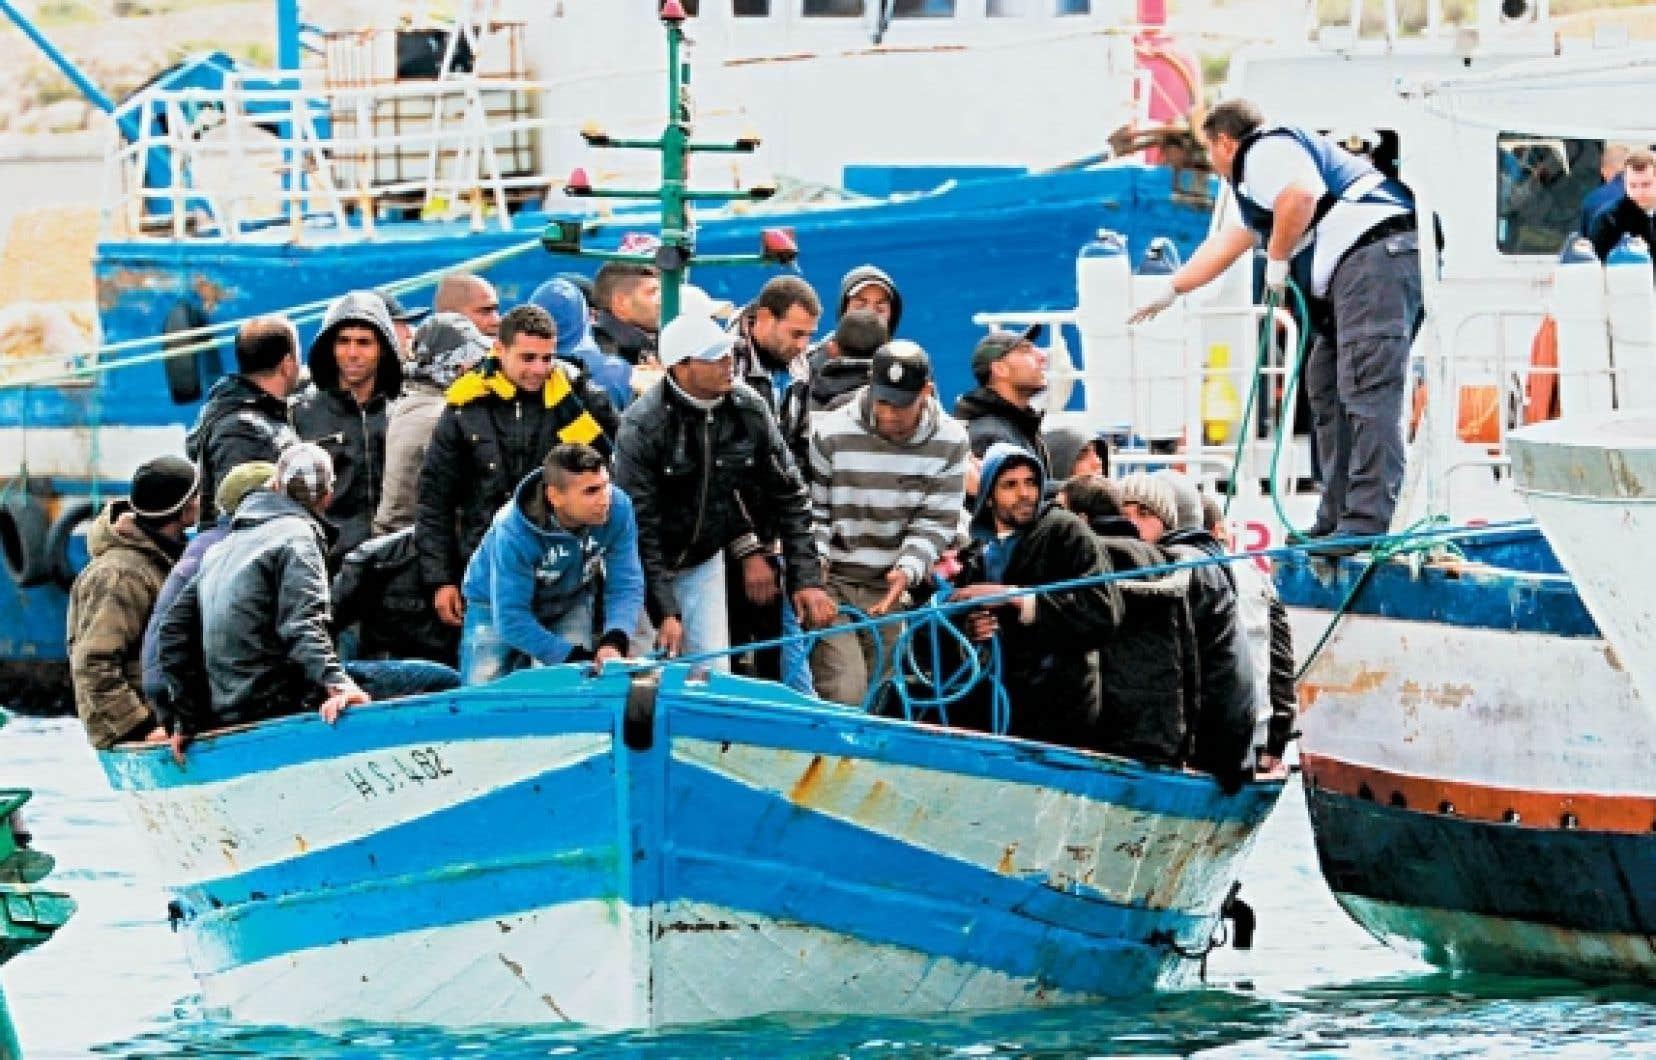 30 mars 2011: des immigrants tunisiens arrivent au port de Lampedusa, en Italie.<br />